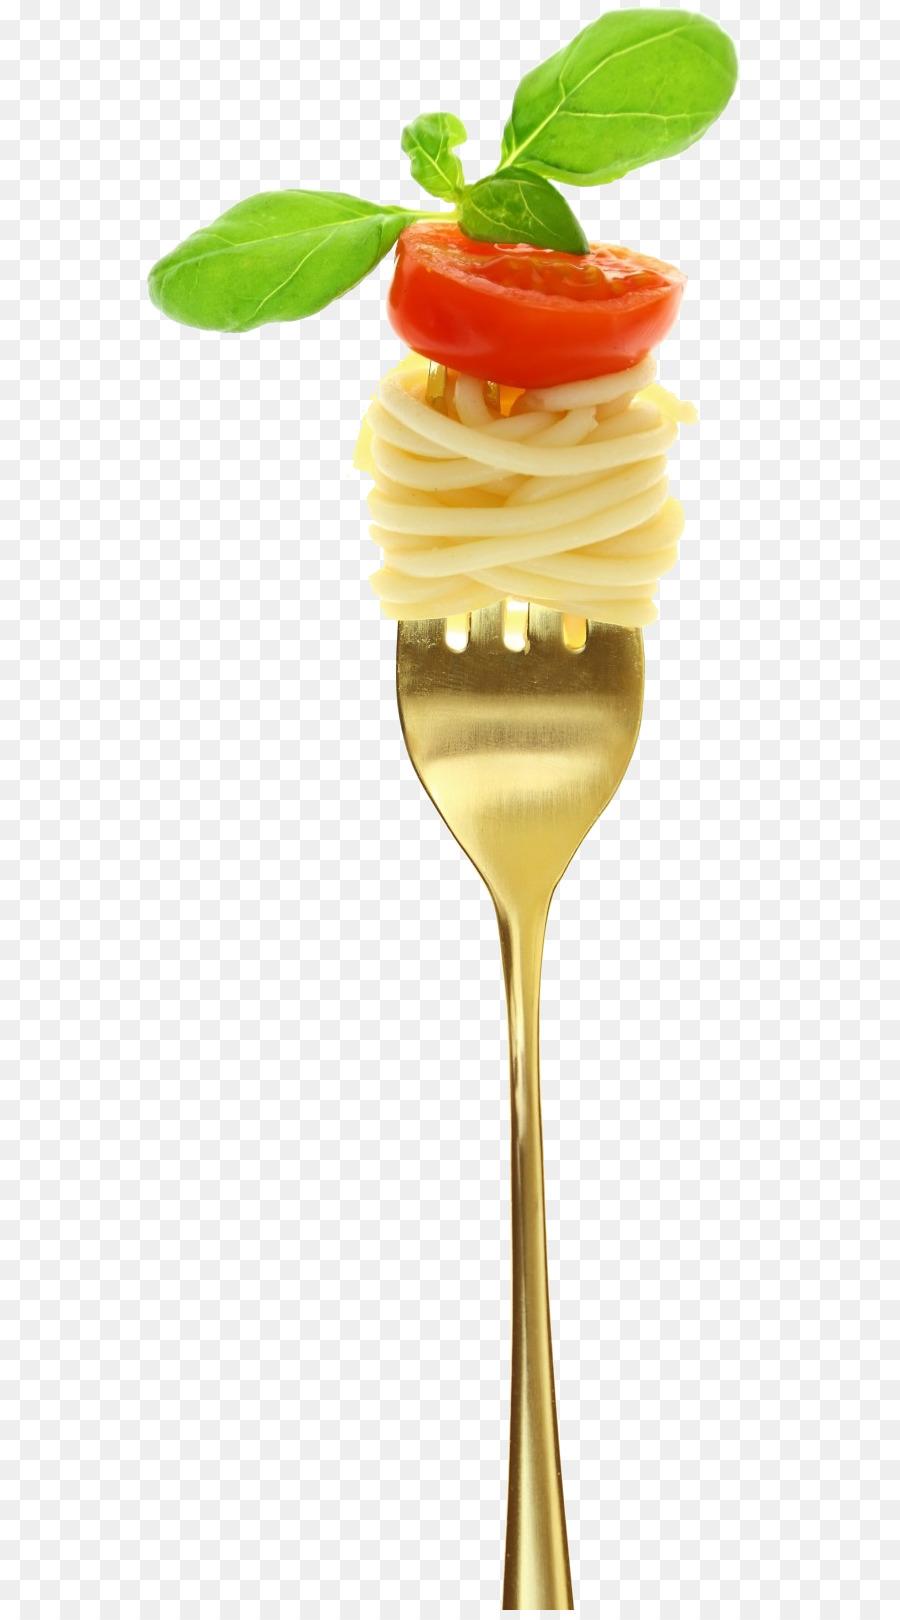 Descarga gratuita de Cocina Italiana, La Pasta, Ensalada De Pasta Imágen de Png